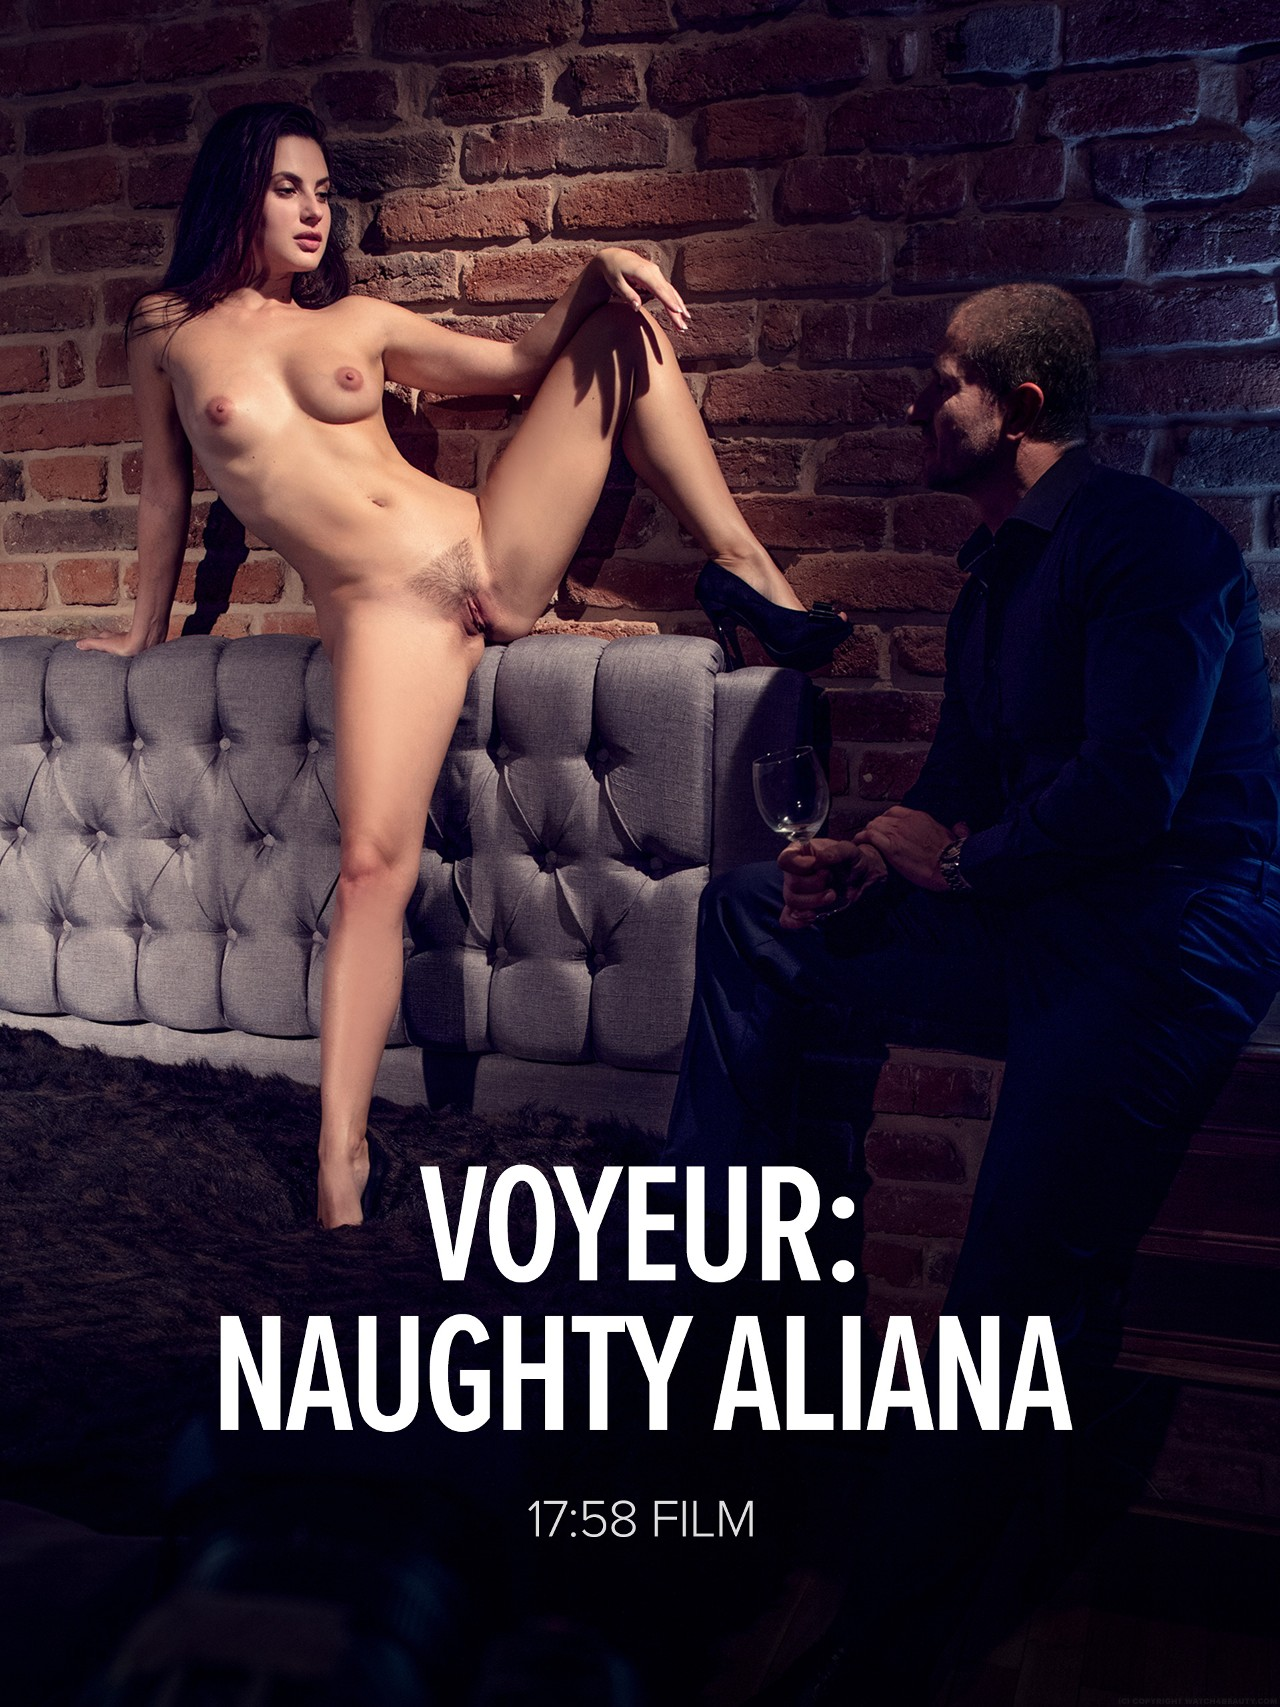 Aliana: Voyeur: Naughty Aliana